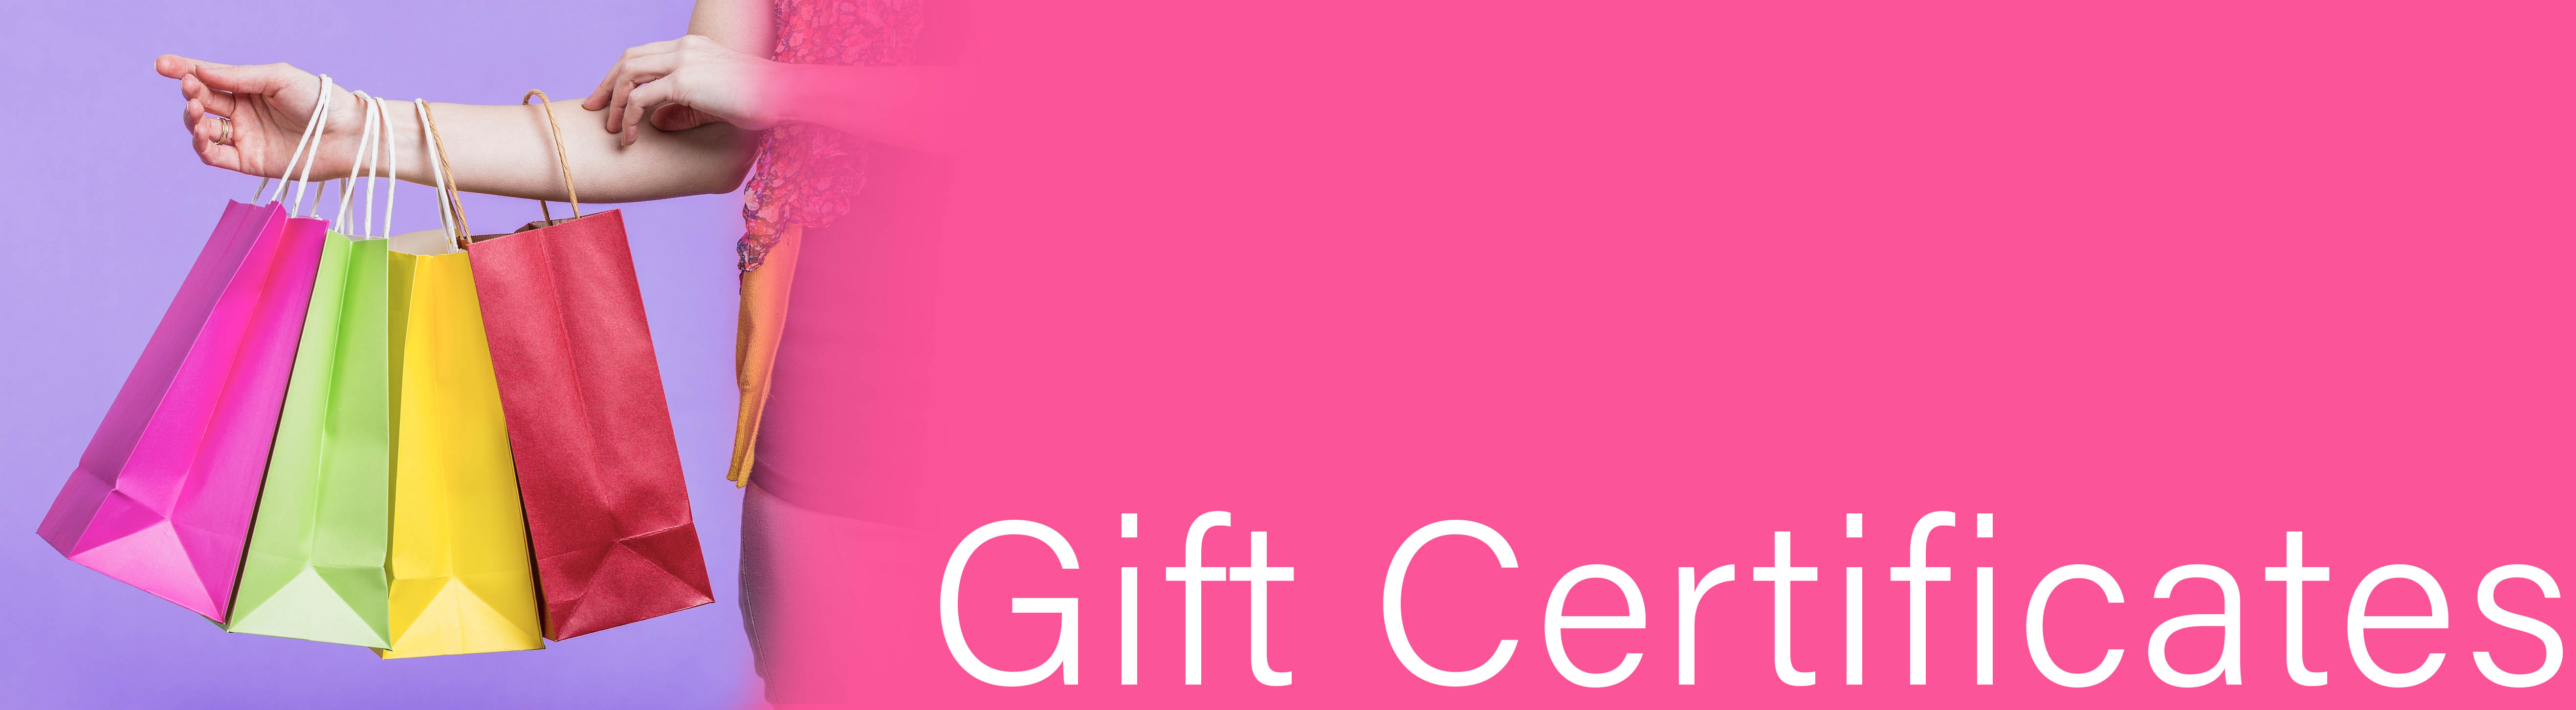 gift-certificates1.jpg